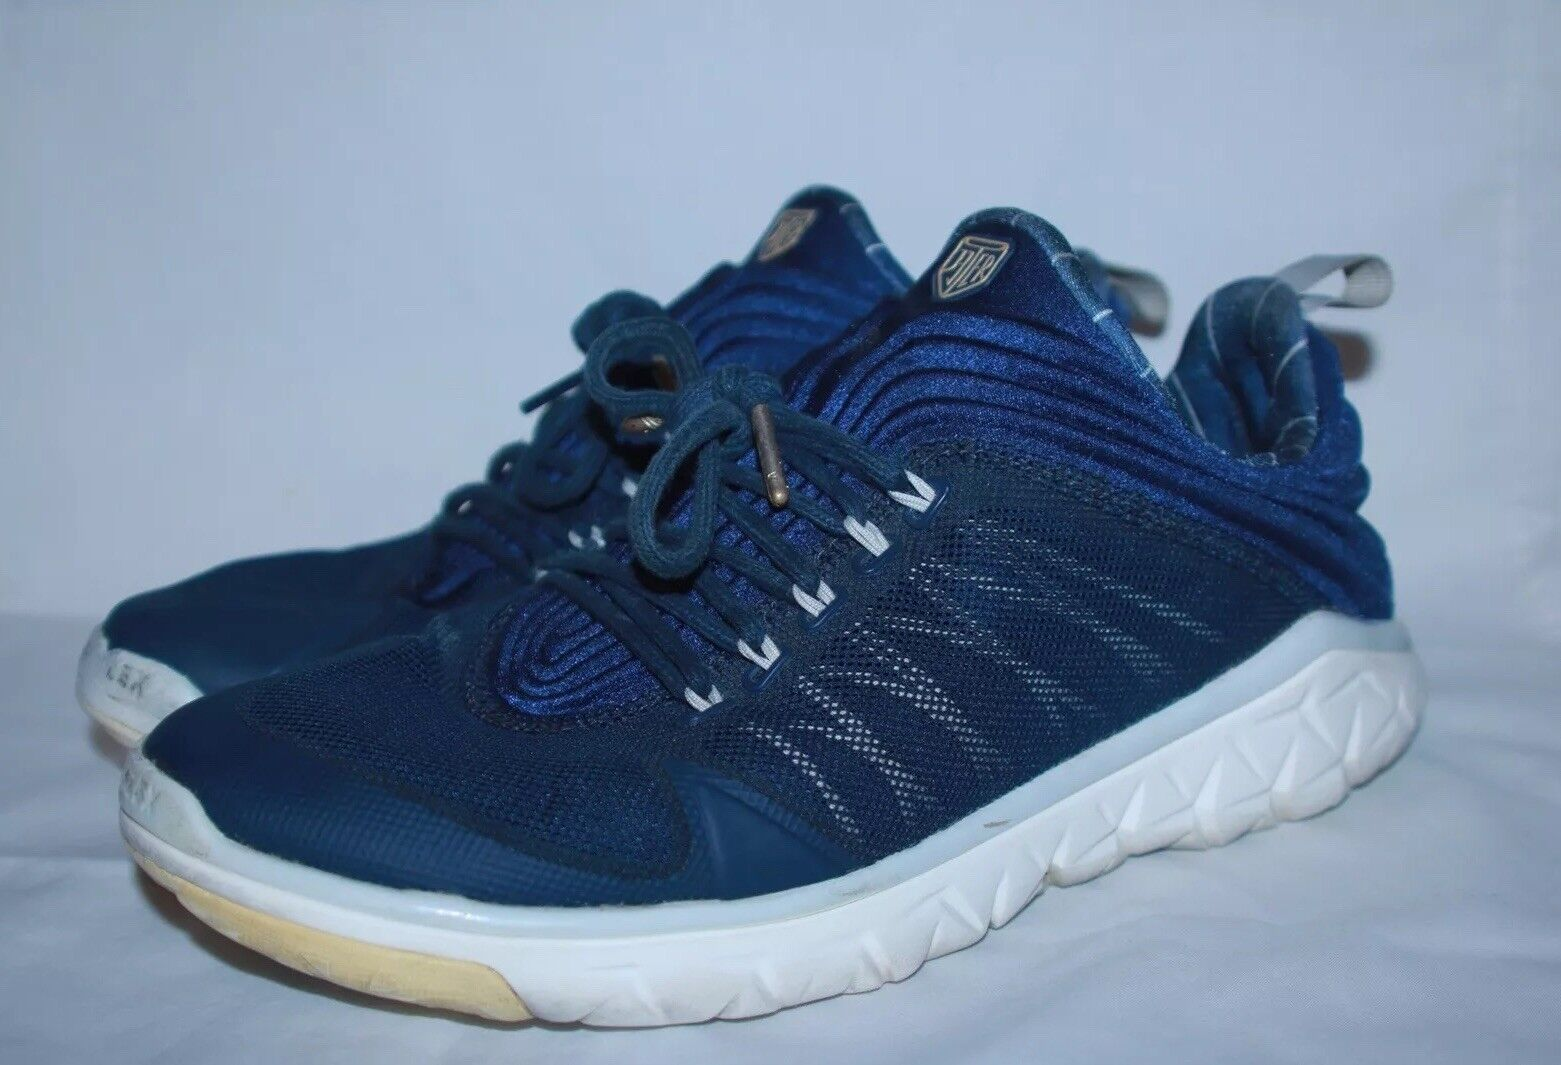 outlet store 5d9eb 49cde Jordan Flex Trainer Jeter Re2pect Limited Edition Size 10.5 Retro 11 3 5  Flight nqntns1632-new shoes